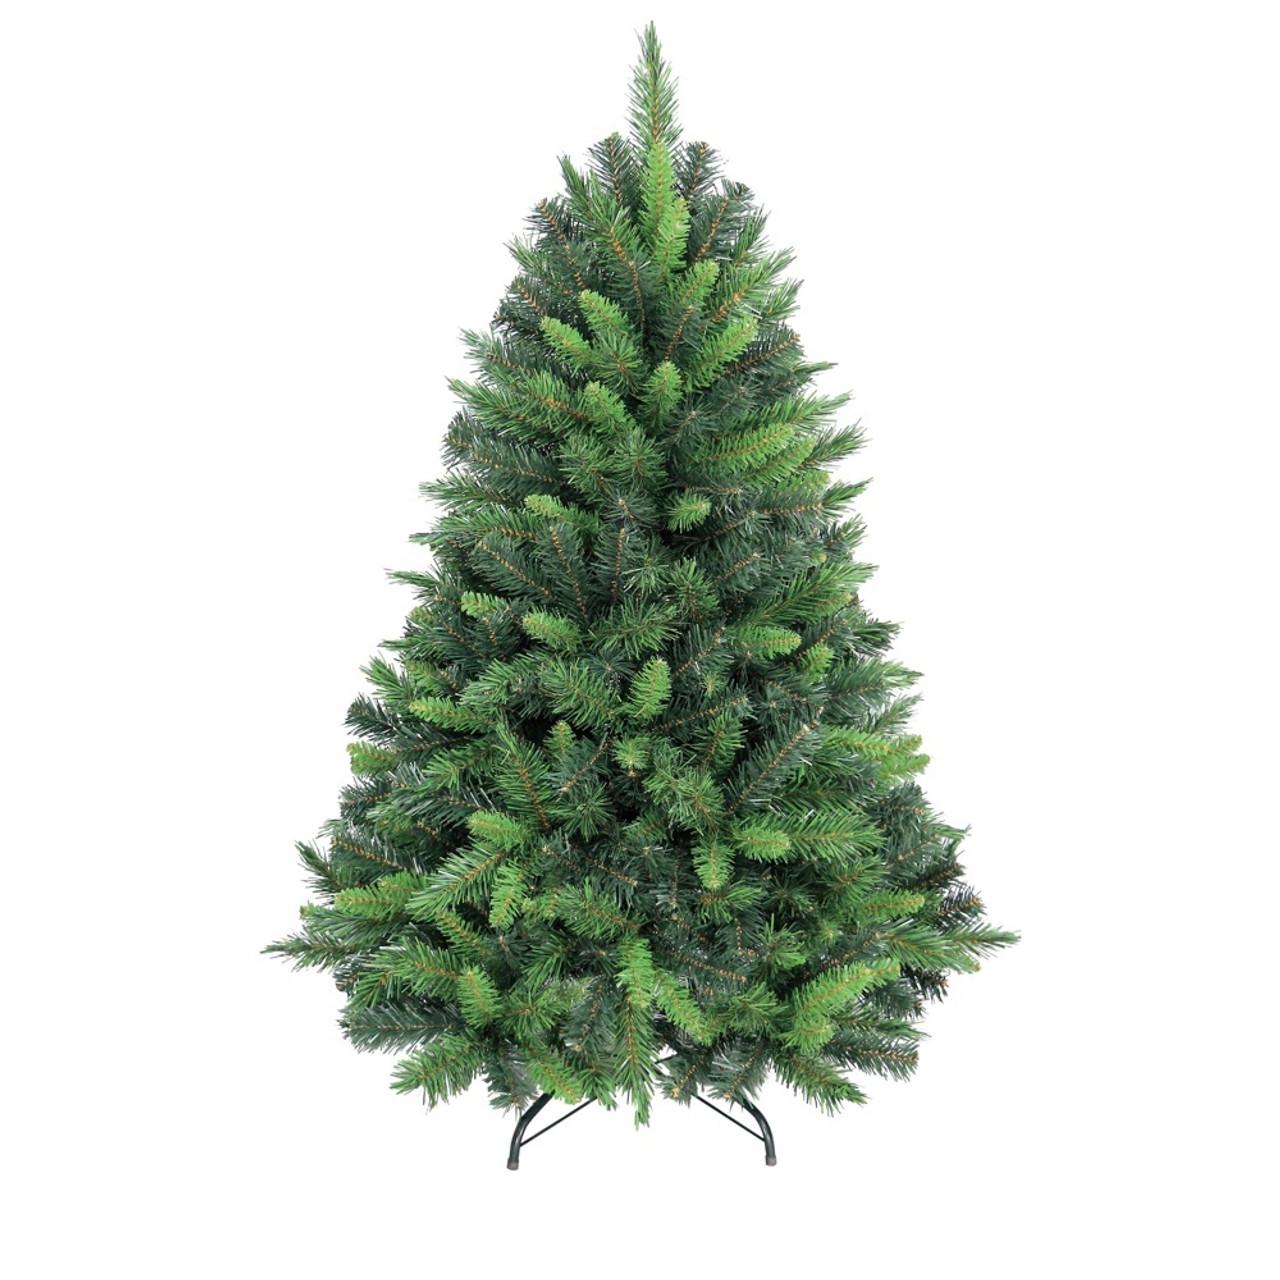 4ft Christmas Tree.4ft Smoky Mountain Fir Christmas Tree